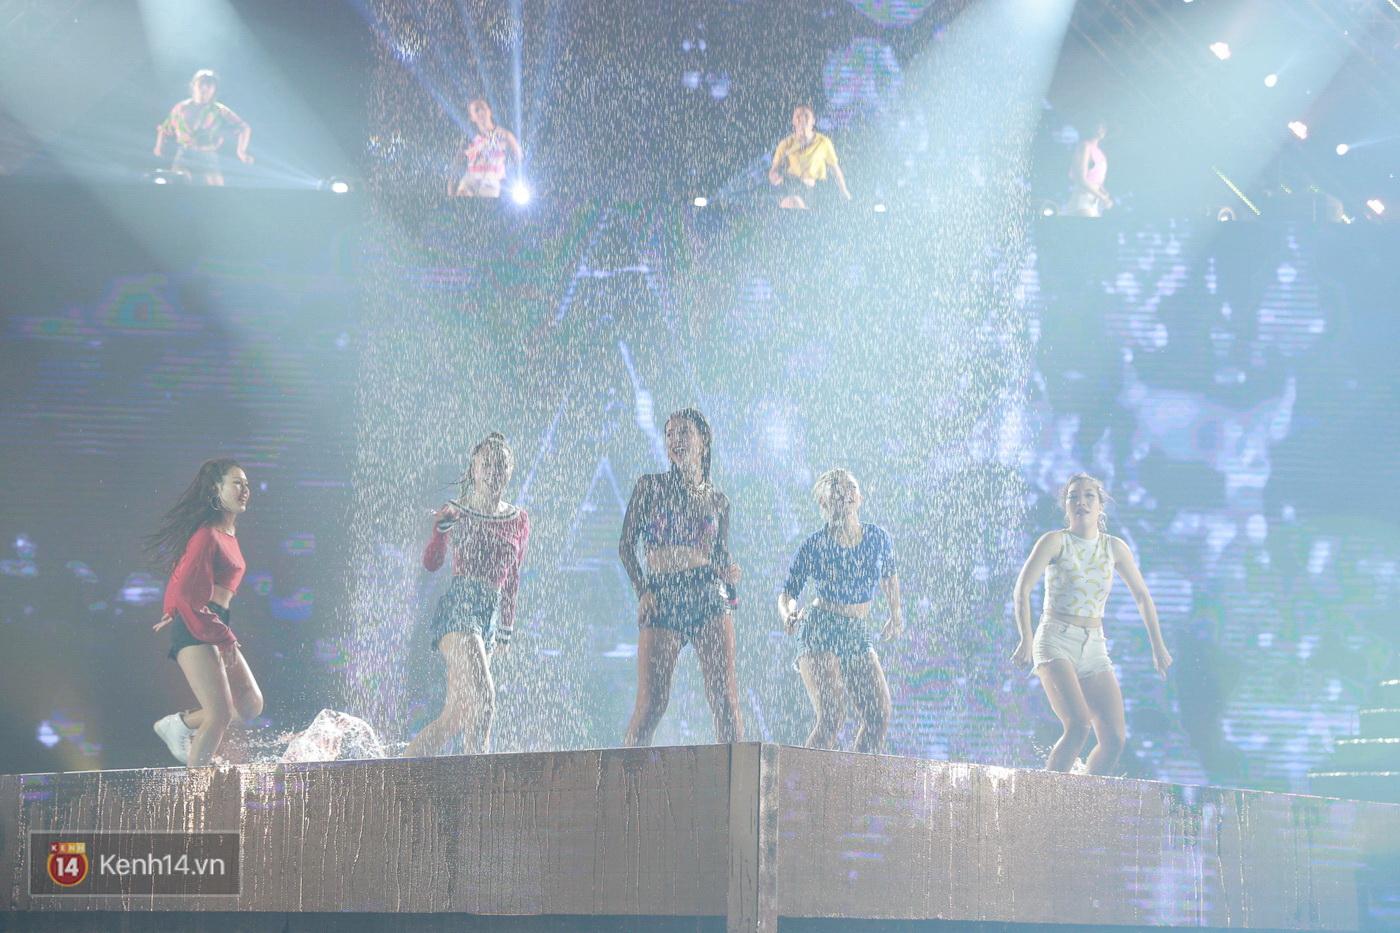 Hết gây bất ngờ khi xuất hiện từ trên cao, Đông Nhi lại tắm mưa trước 8.000 khán giả trên sân khấu - Ảnh 5.